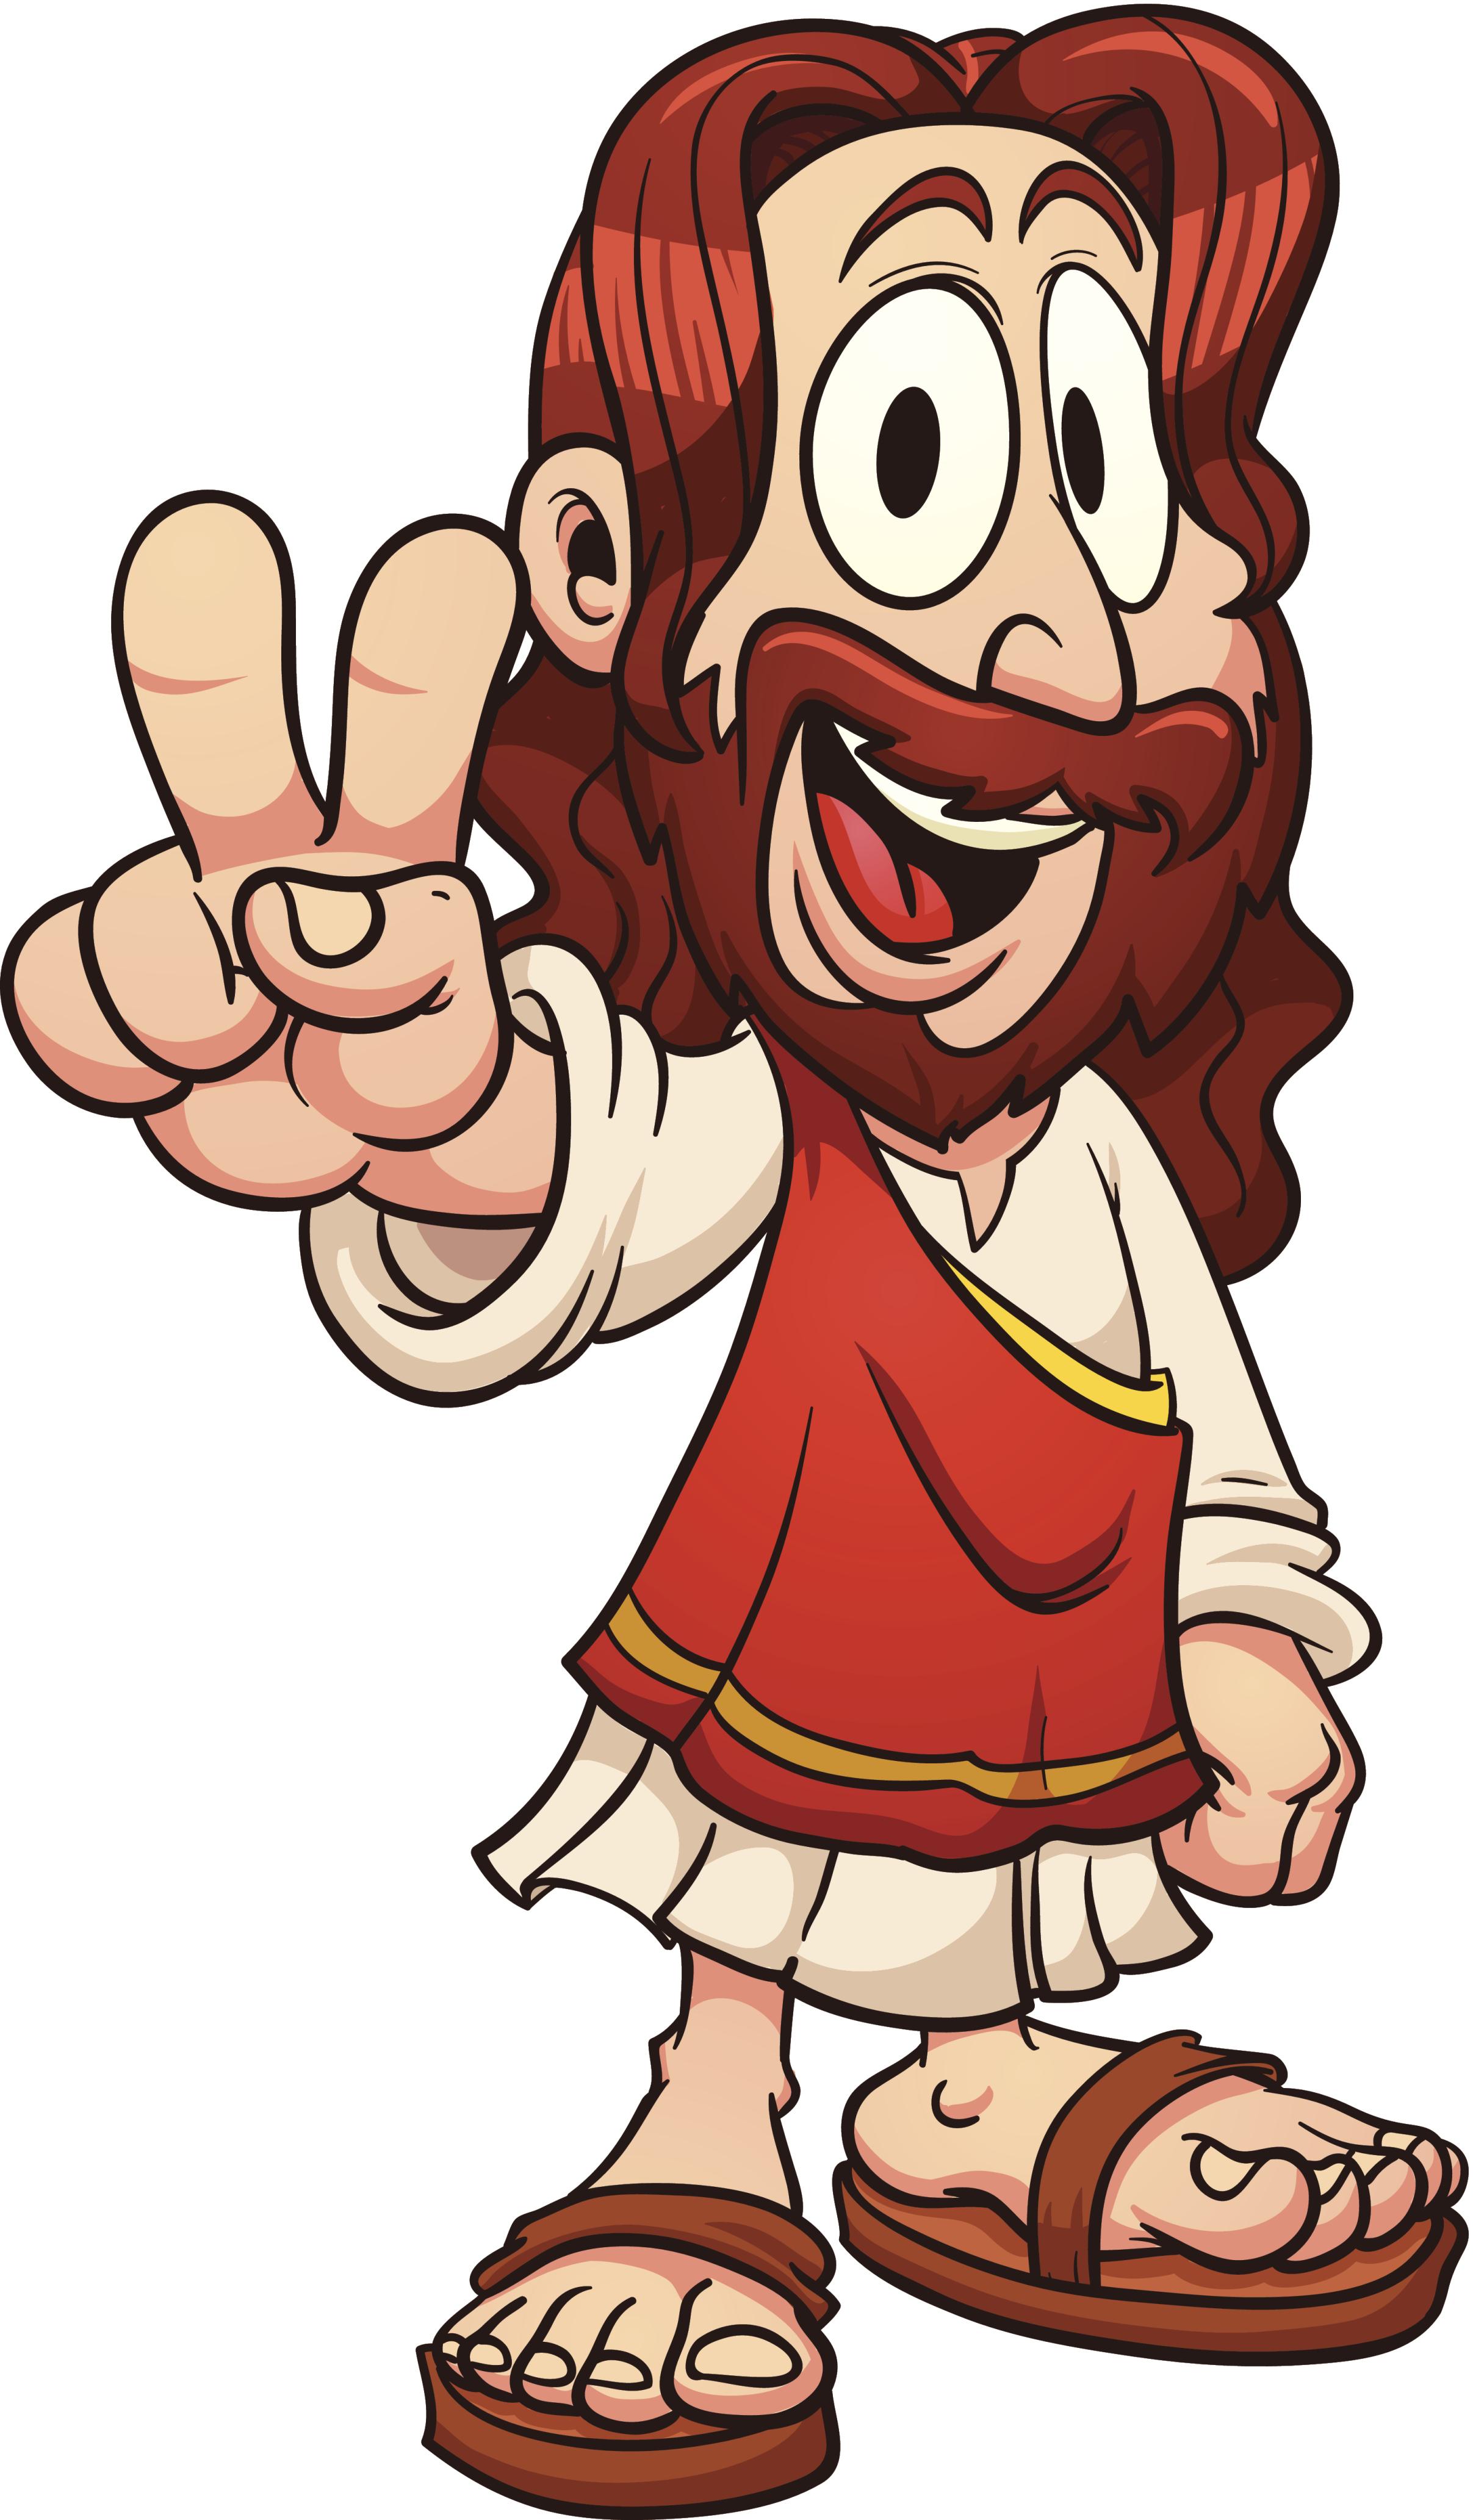 Jesus Cartoon - Cliparts.co